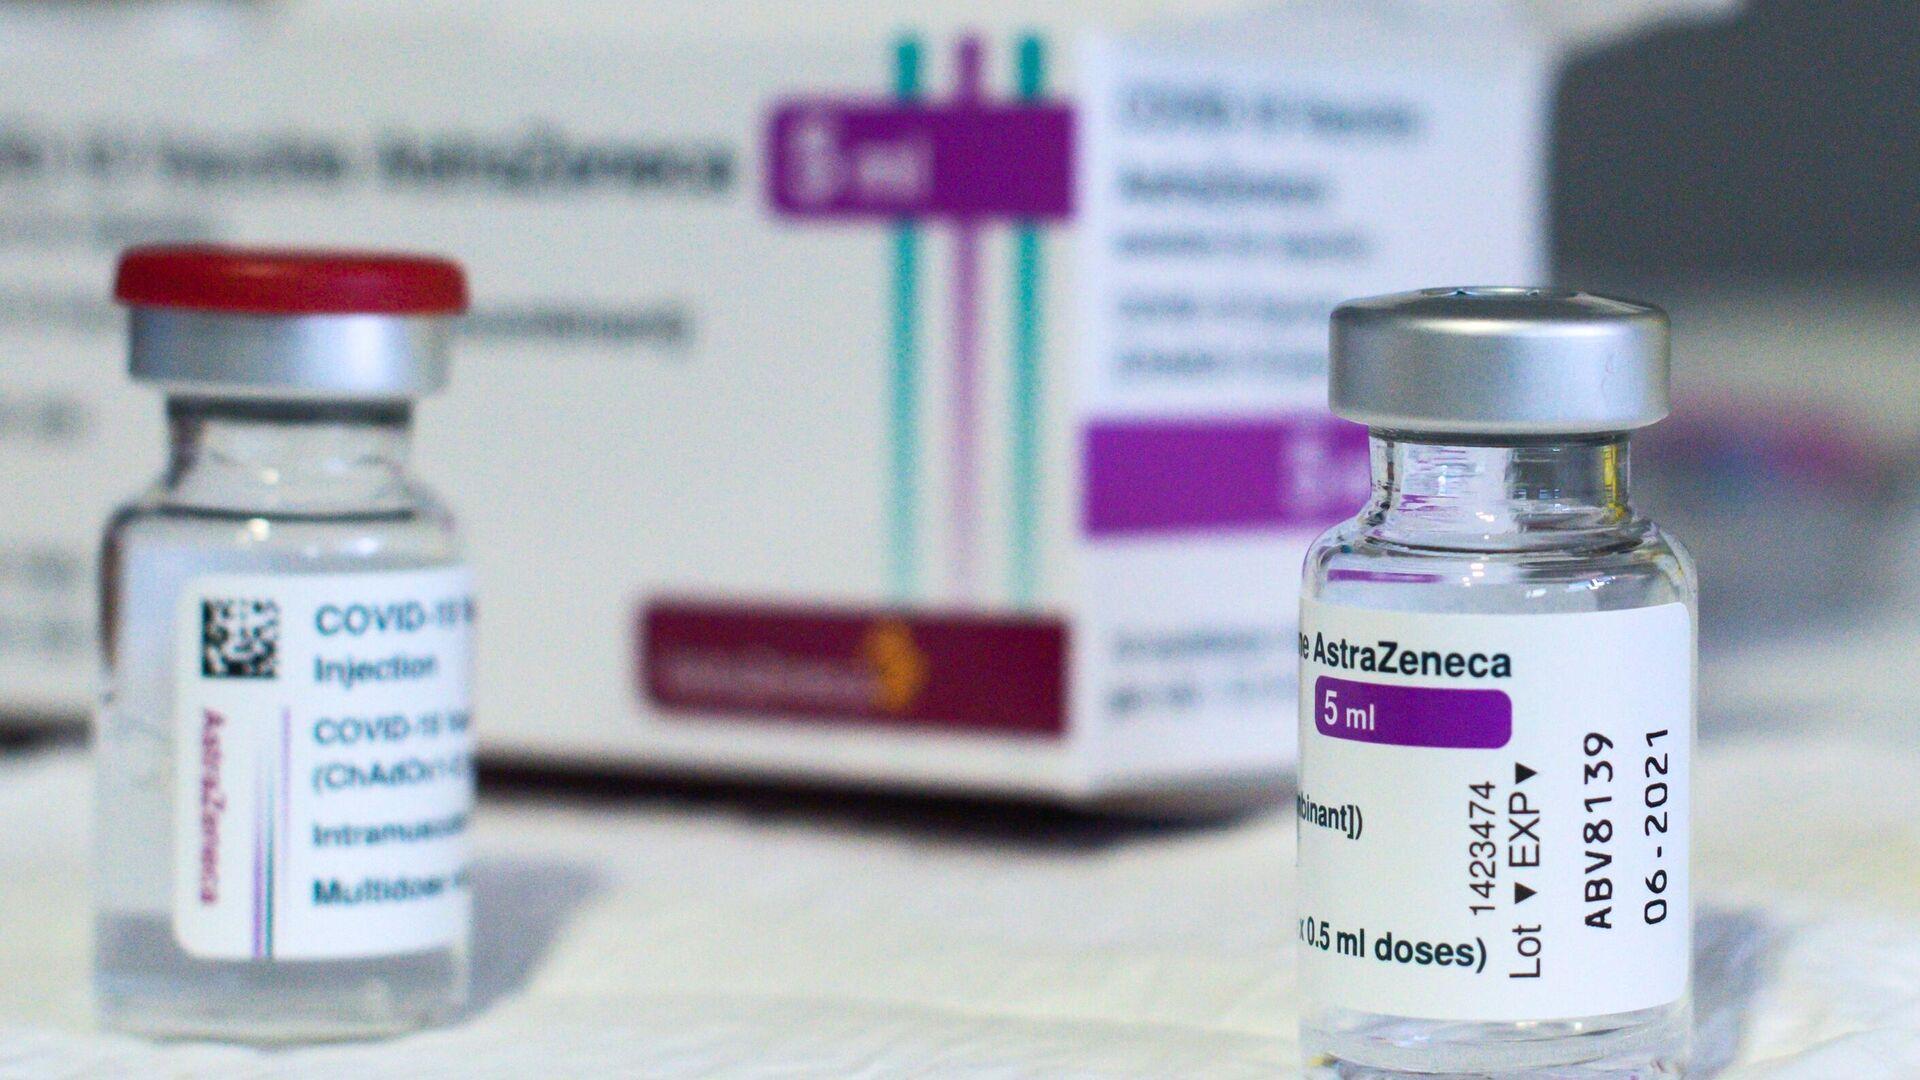 Вакцина Oxford/AstraZeneca от COVID-19  - РИА Новости, 1920, 23.03.2021